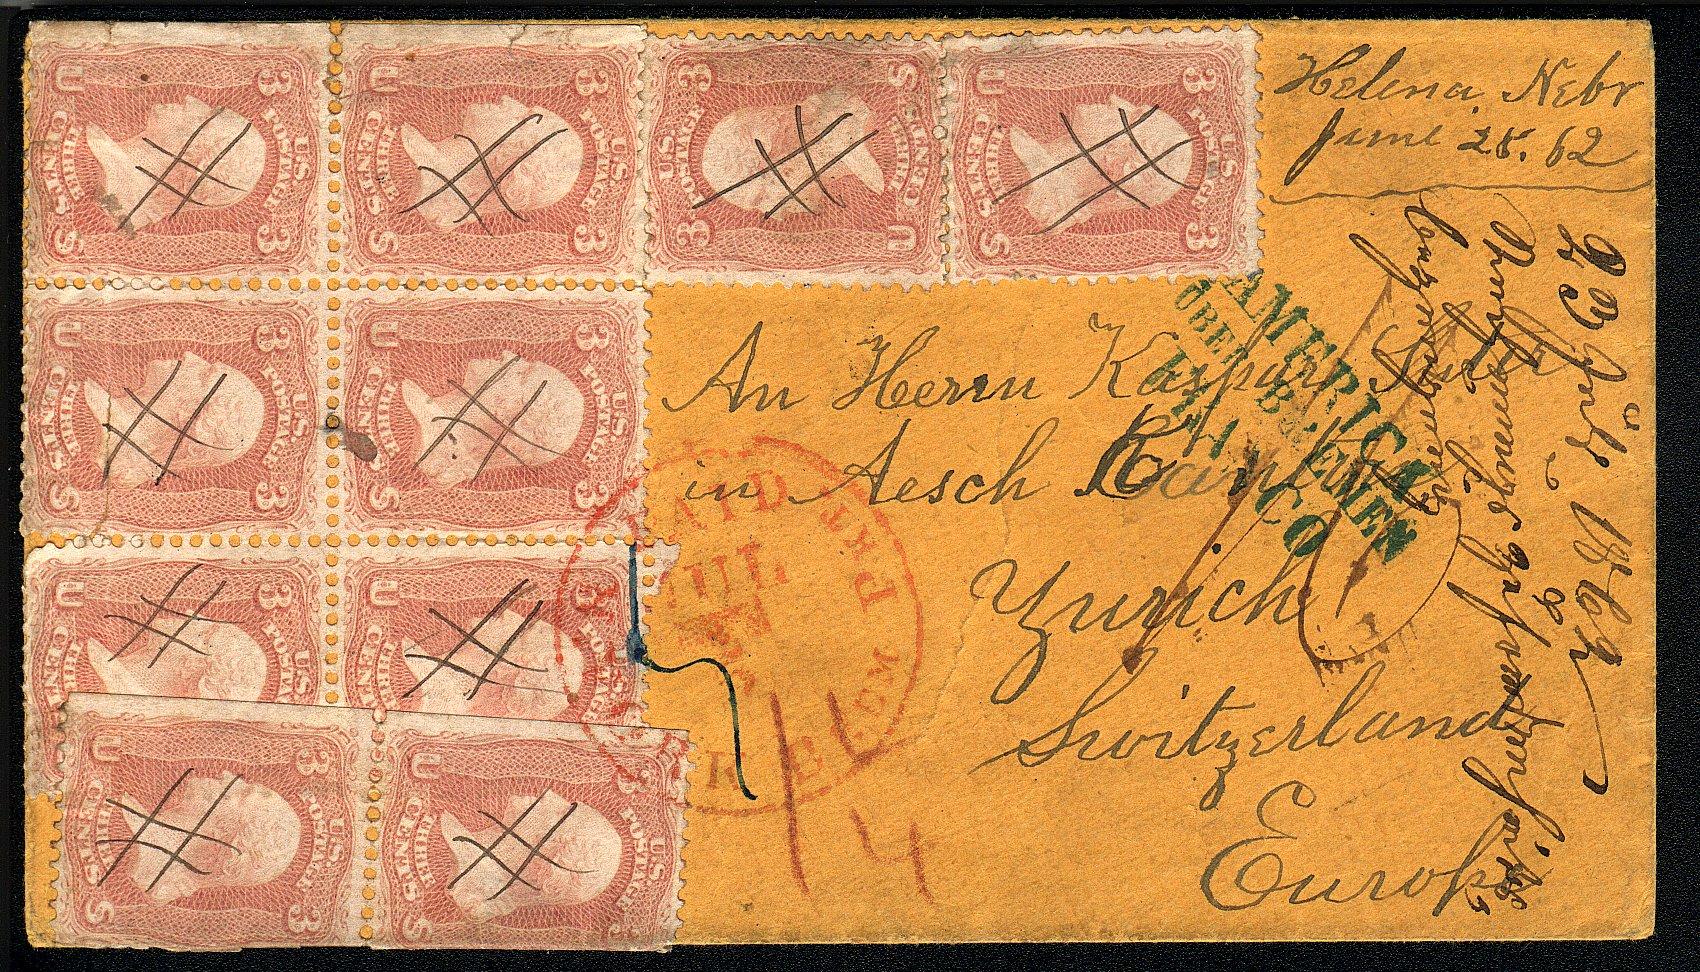 Helena 1862 06 28